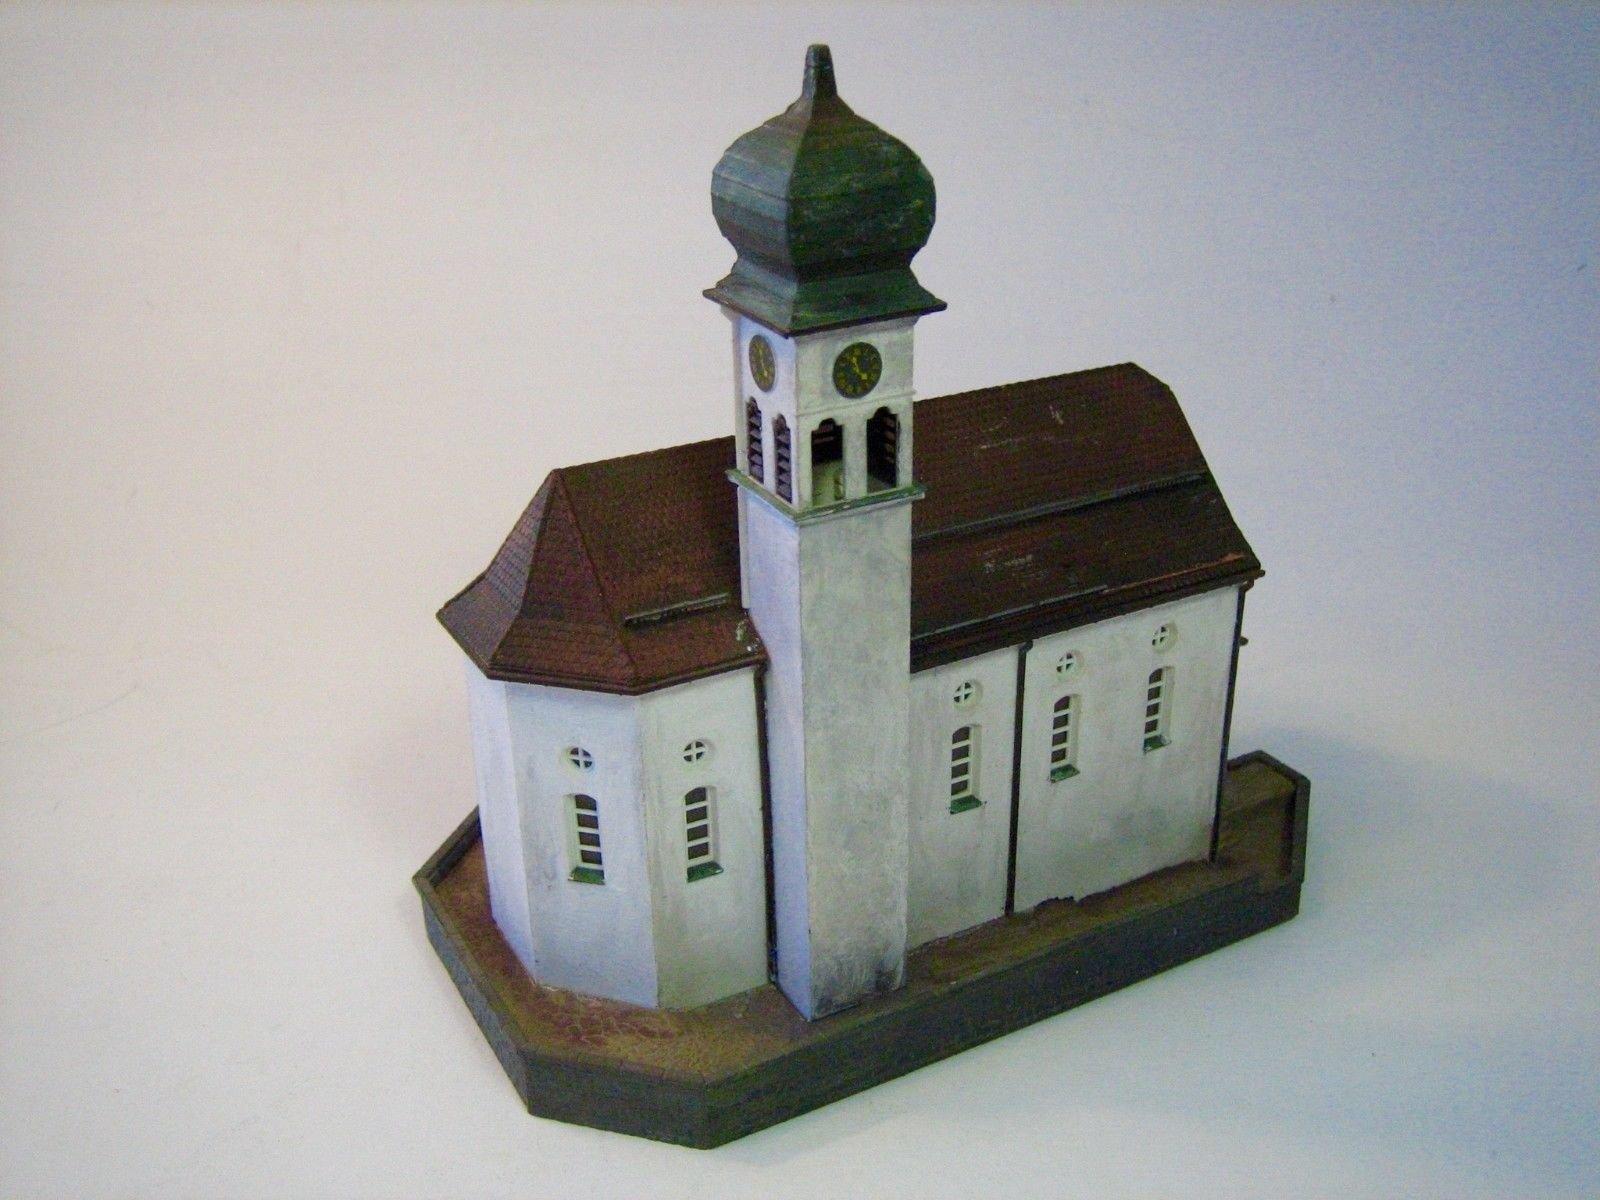 DD007 DIORAMA KIBRI CHURCH 'WASSEN' N 1:160